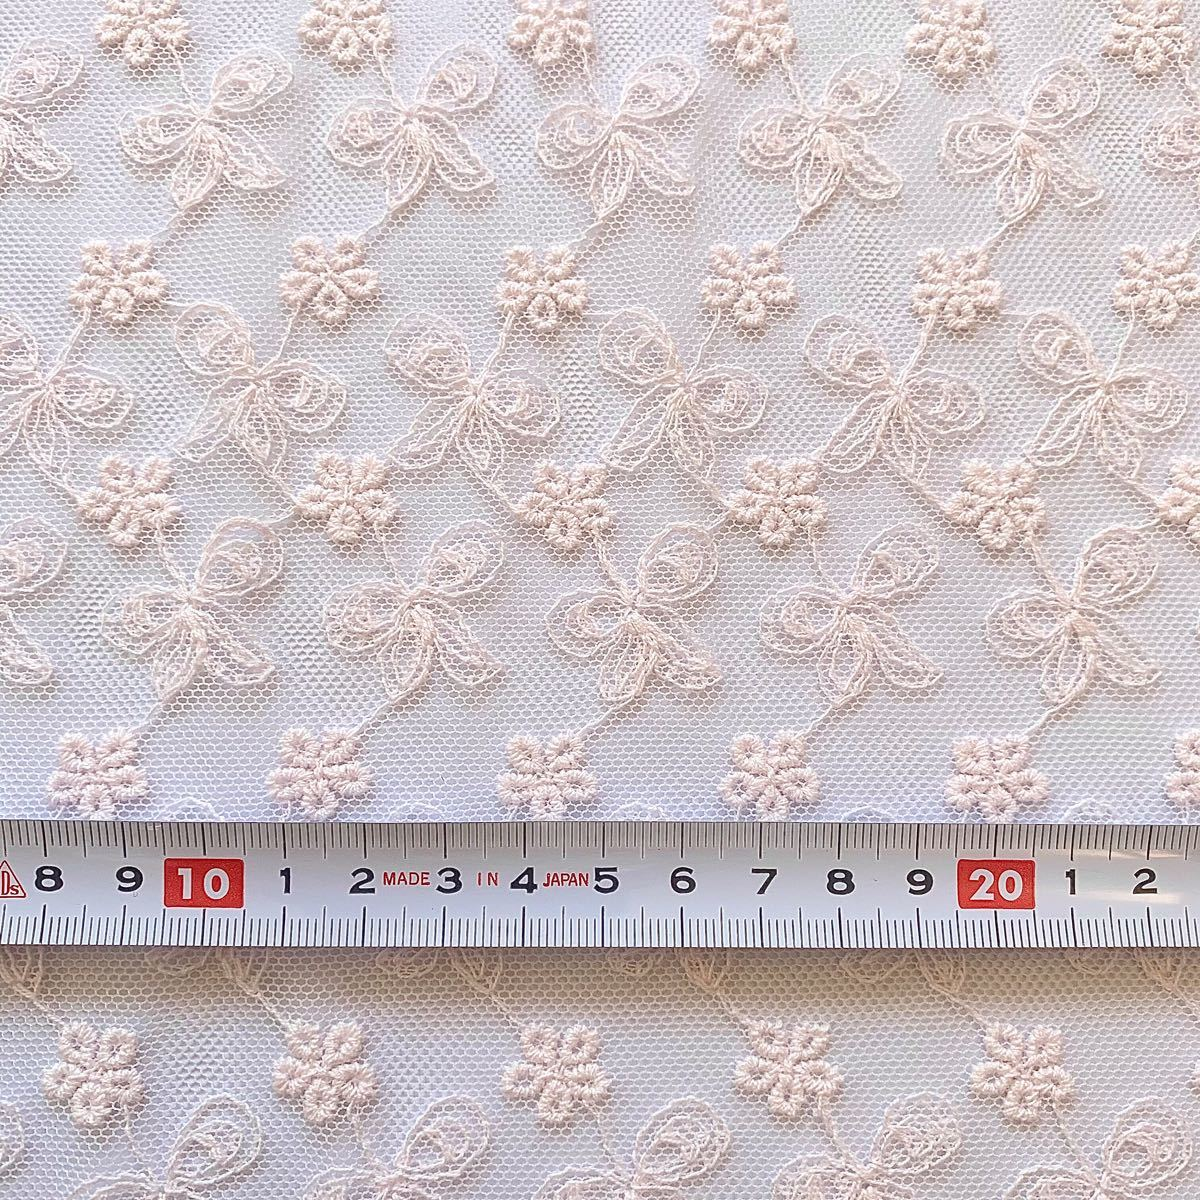 チュールレース コットン 綿 刺繍生地 はぎれセット 花柄 リボン 布 ハギレ